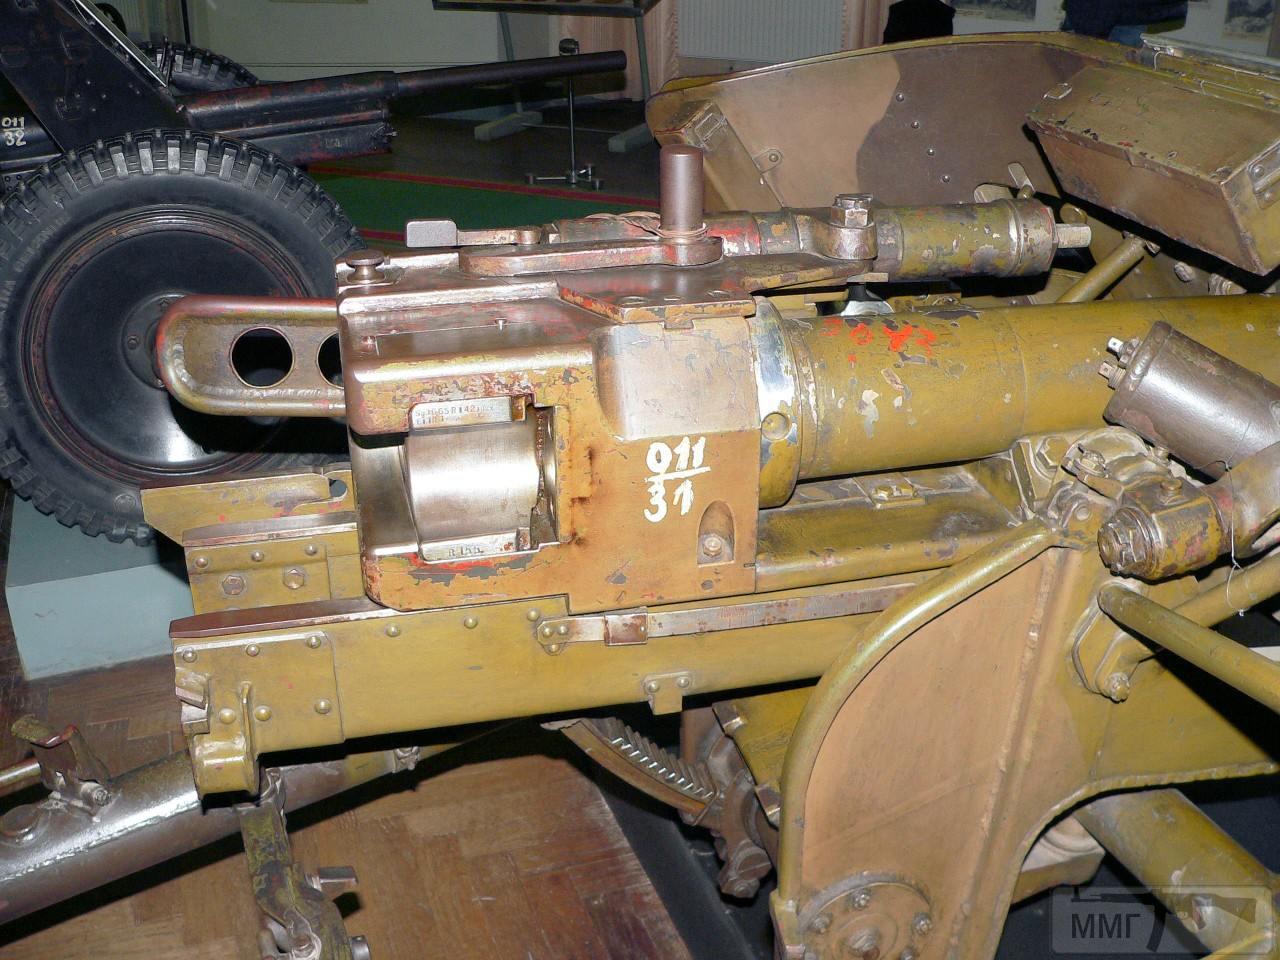 37435 - Немецкая артиллерия второй мировой